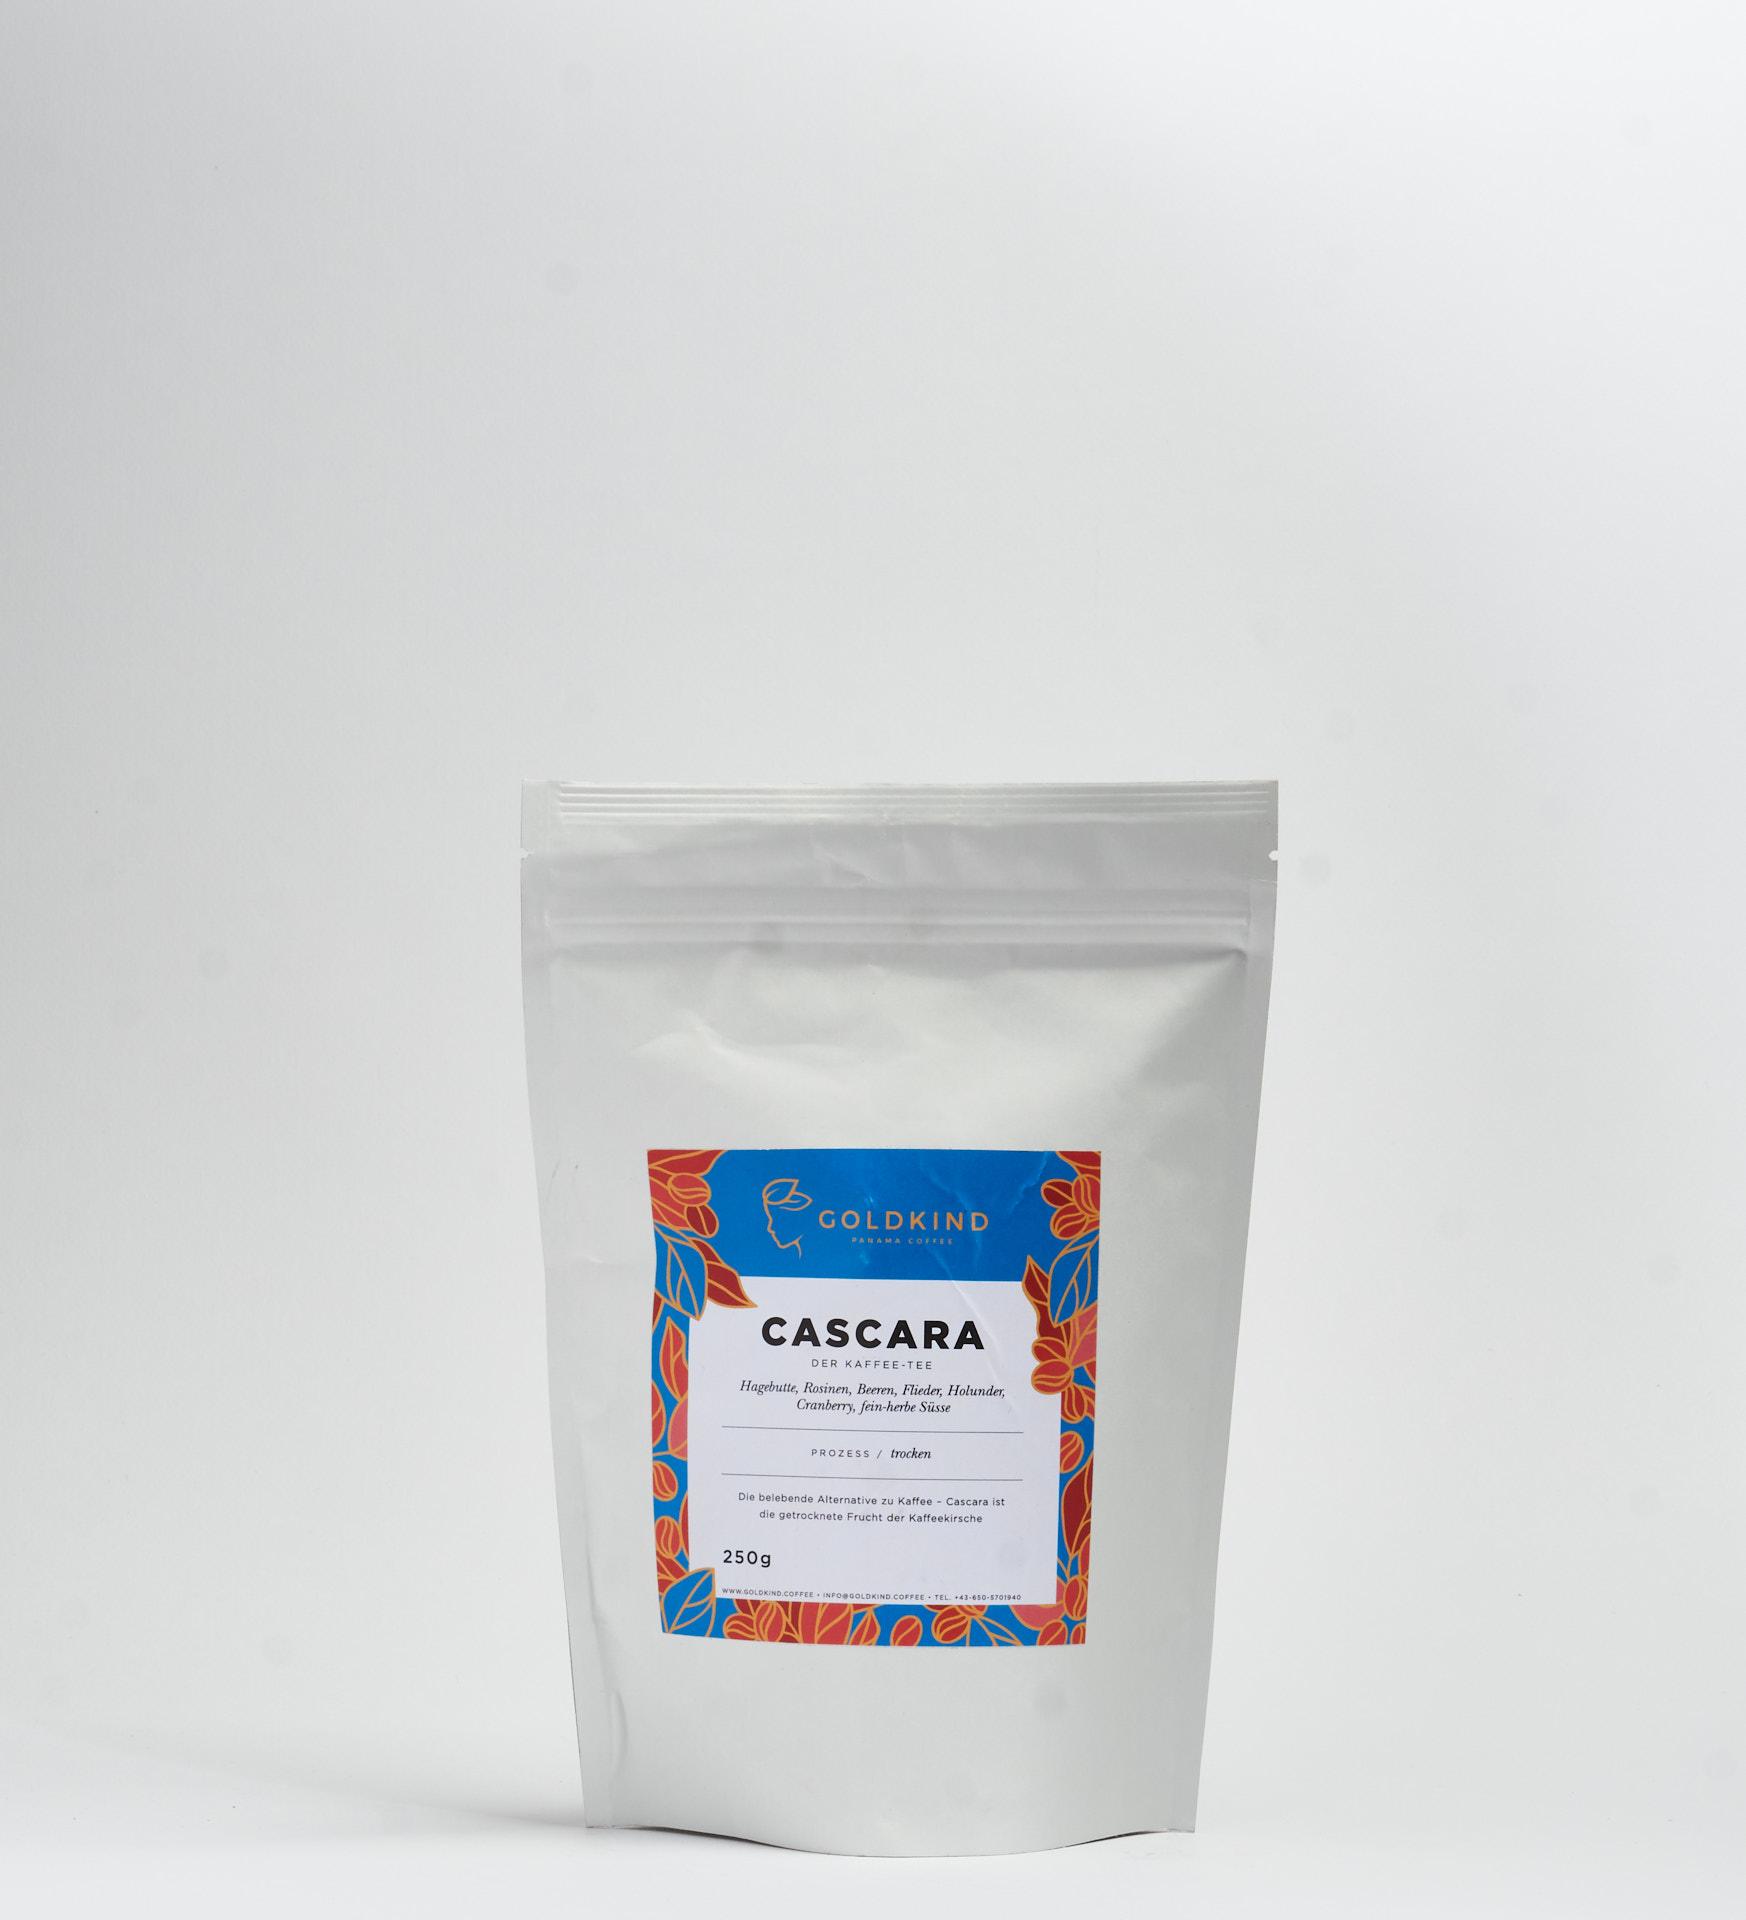 Cascara-prev-1